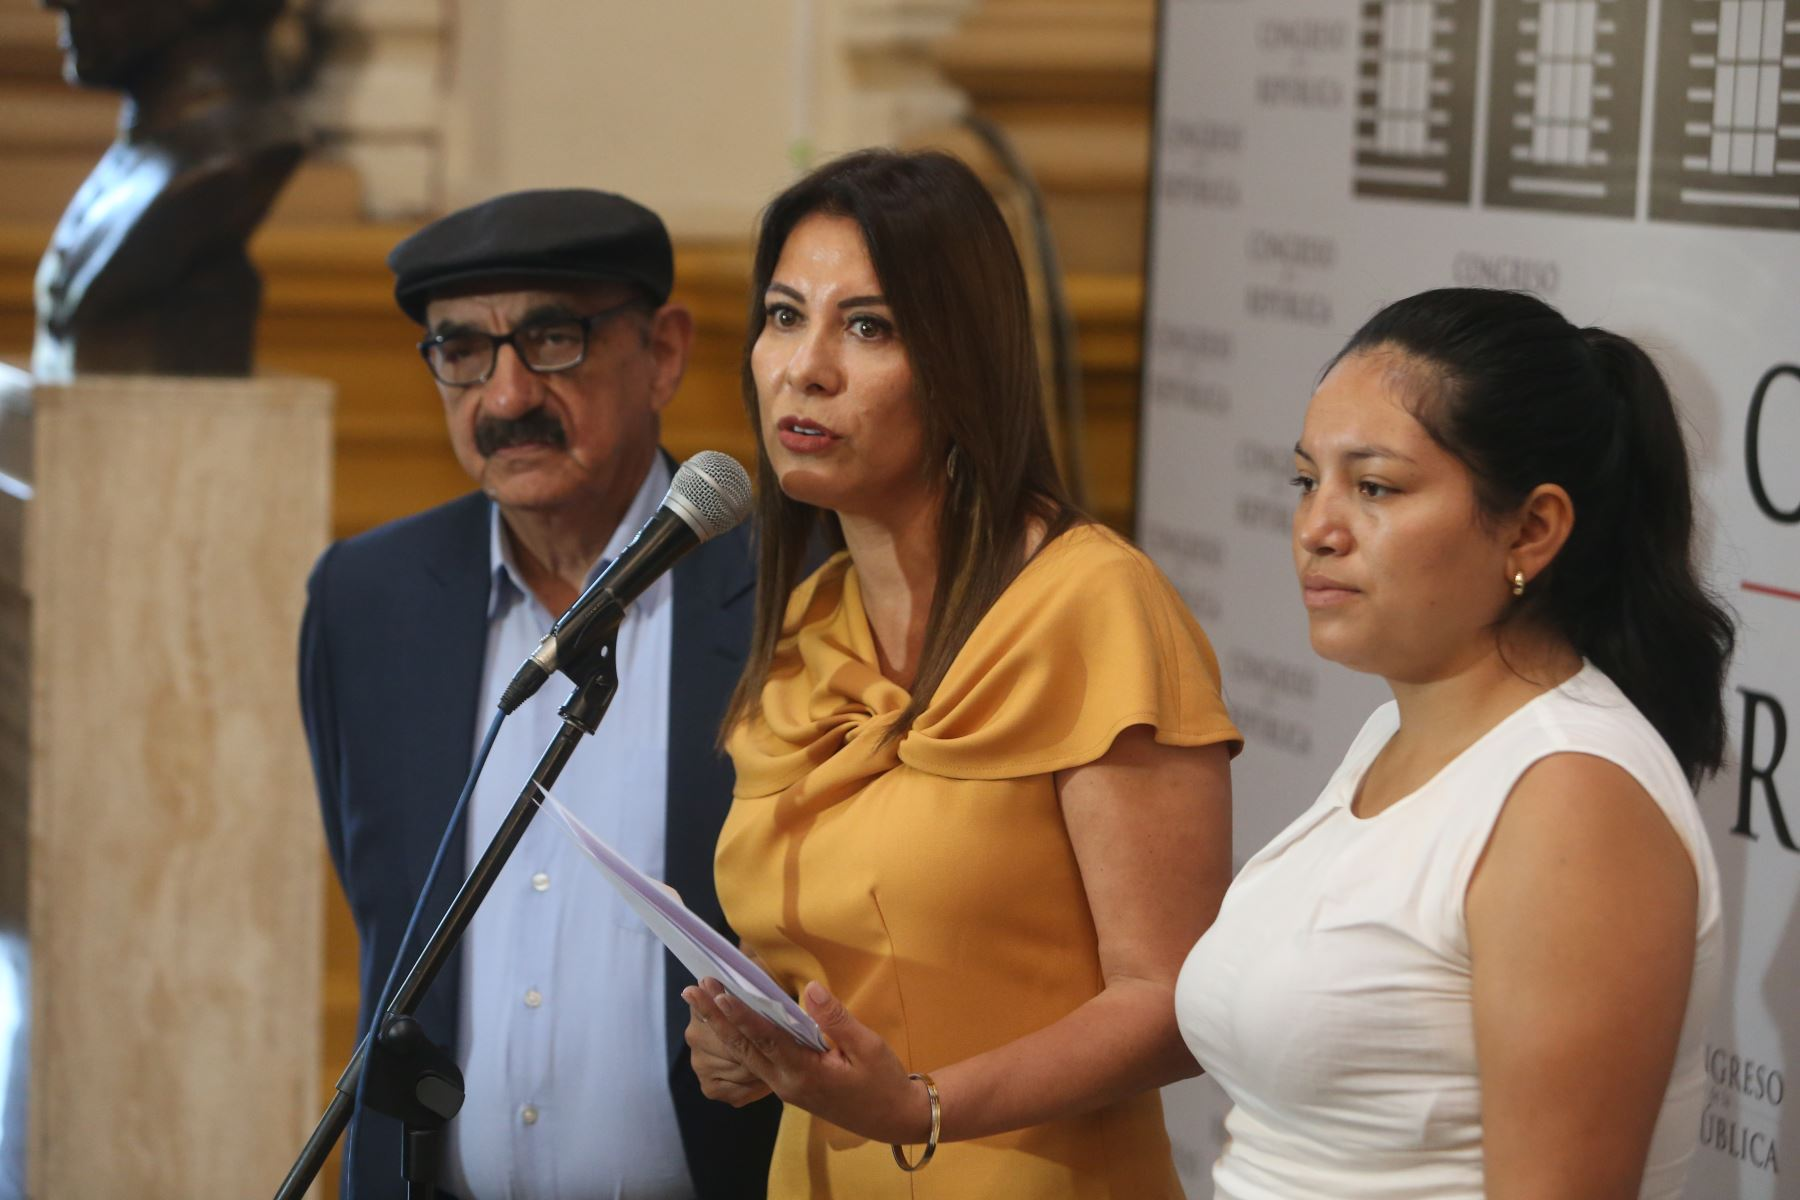 Foto: ANDINA/Jhonel Rodríguez Robles